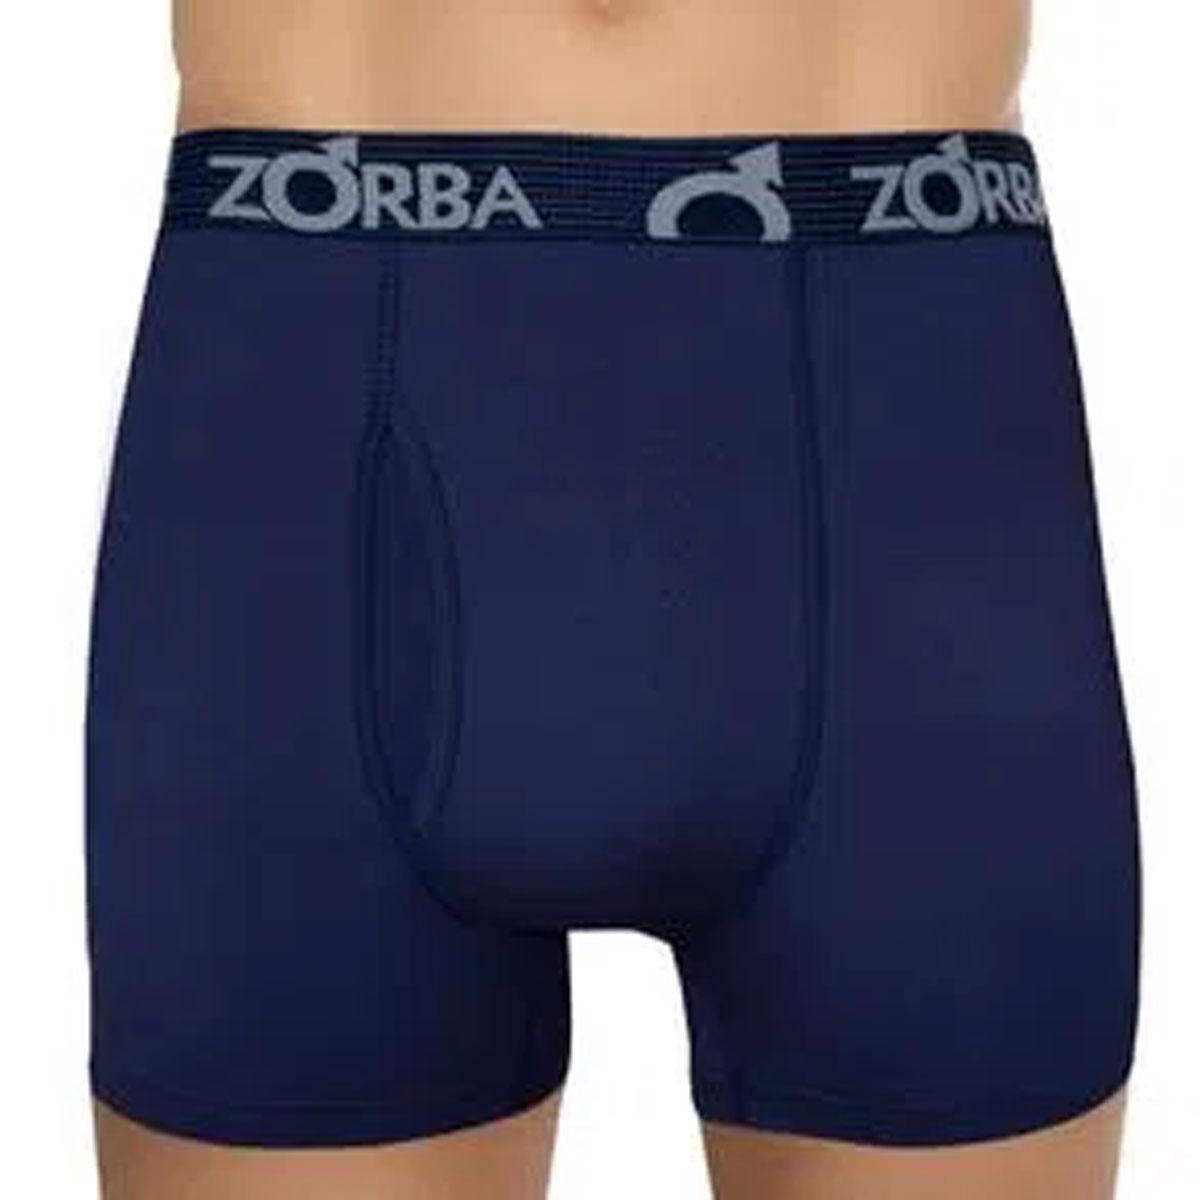 Cueca masculina em algodão modelo boxer com abertura Zorba